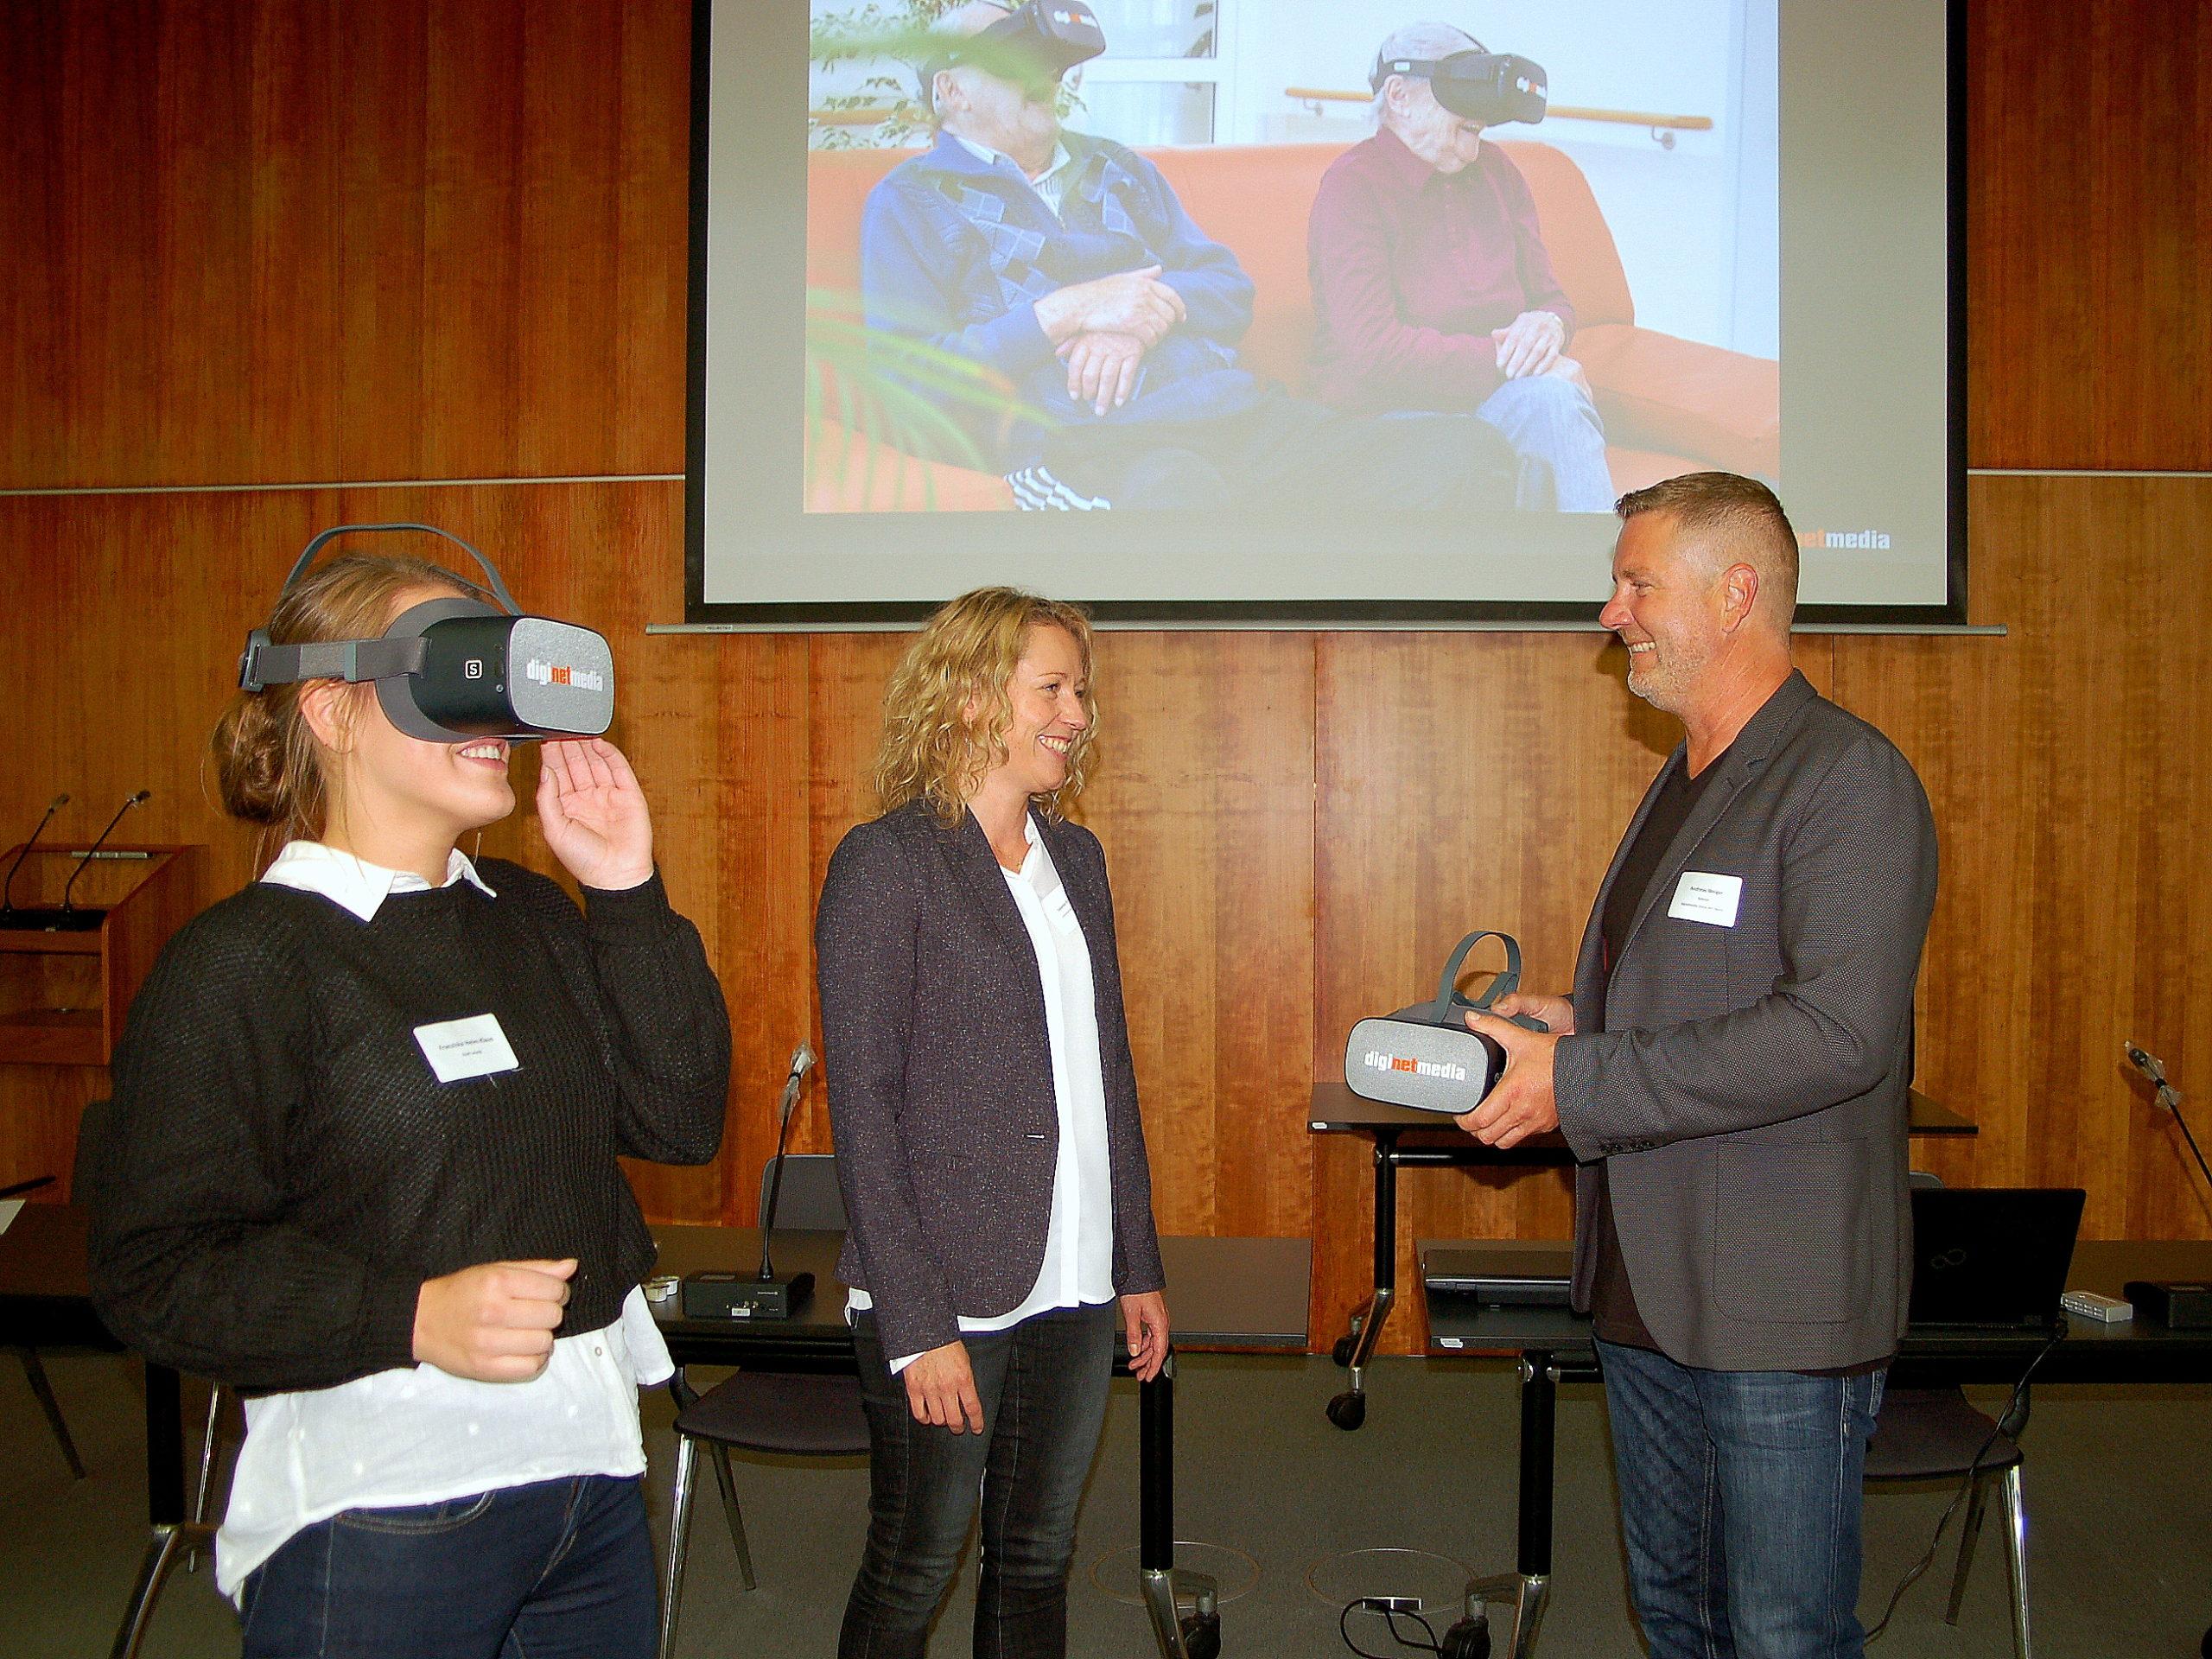 Im Vogtland vorgestellt: Virtuelles Reisen im Seniorenheim